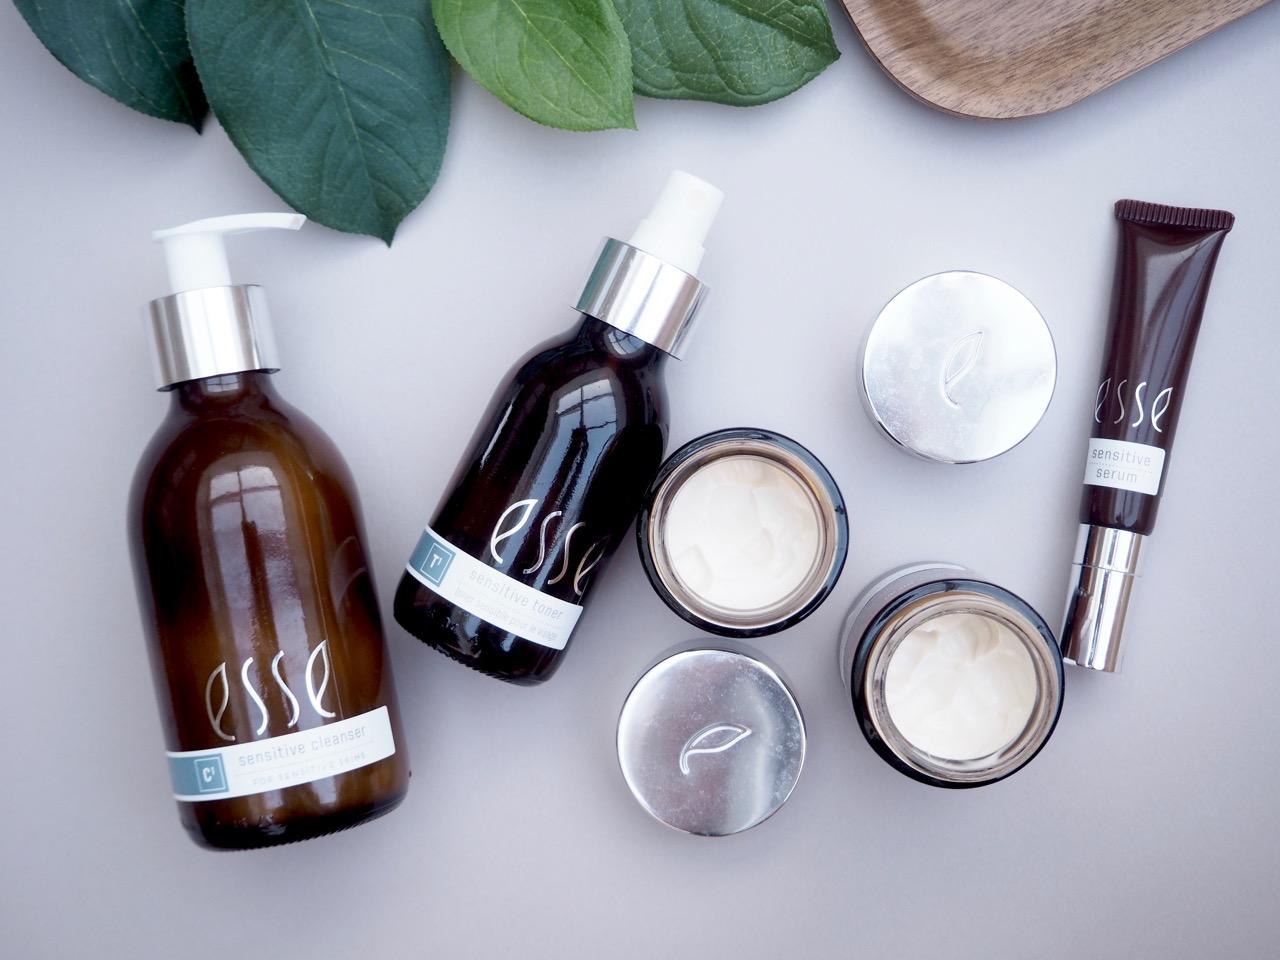 Probioottinen ihonhoito Esse kokemuksia Ostolakossa blogi Virve Vee